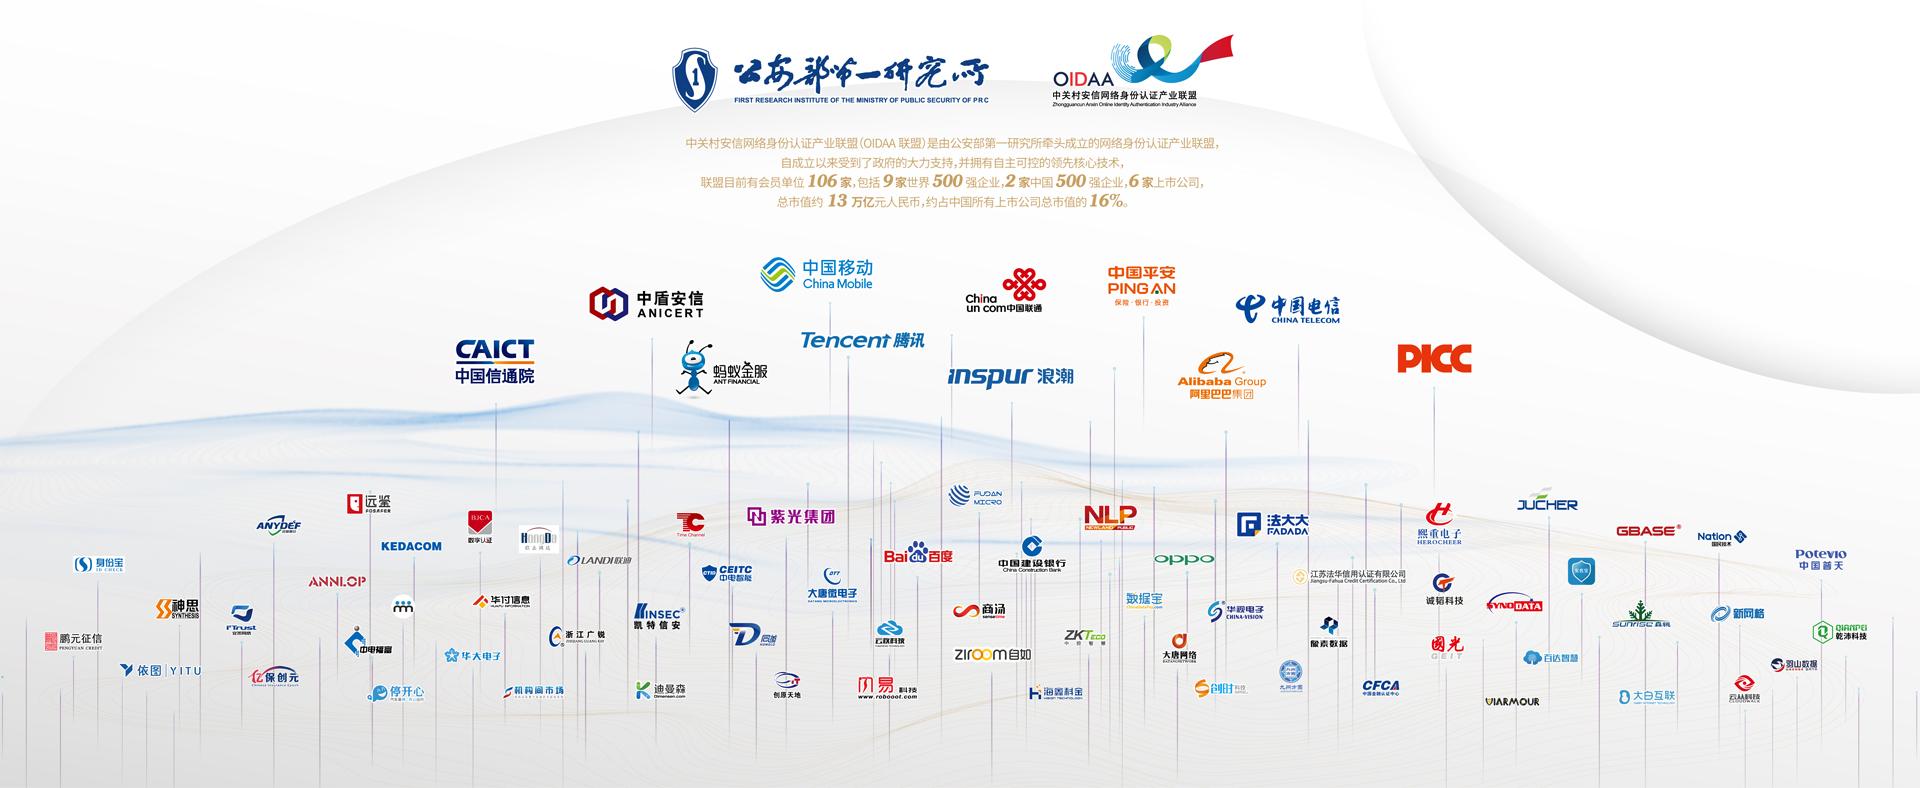 中关村安信网络身份认证产业联盟